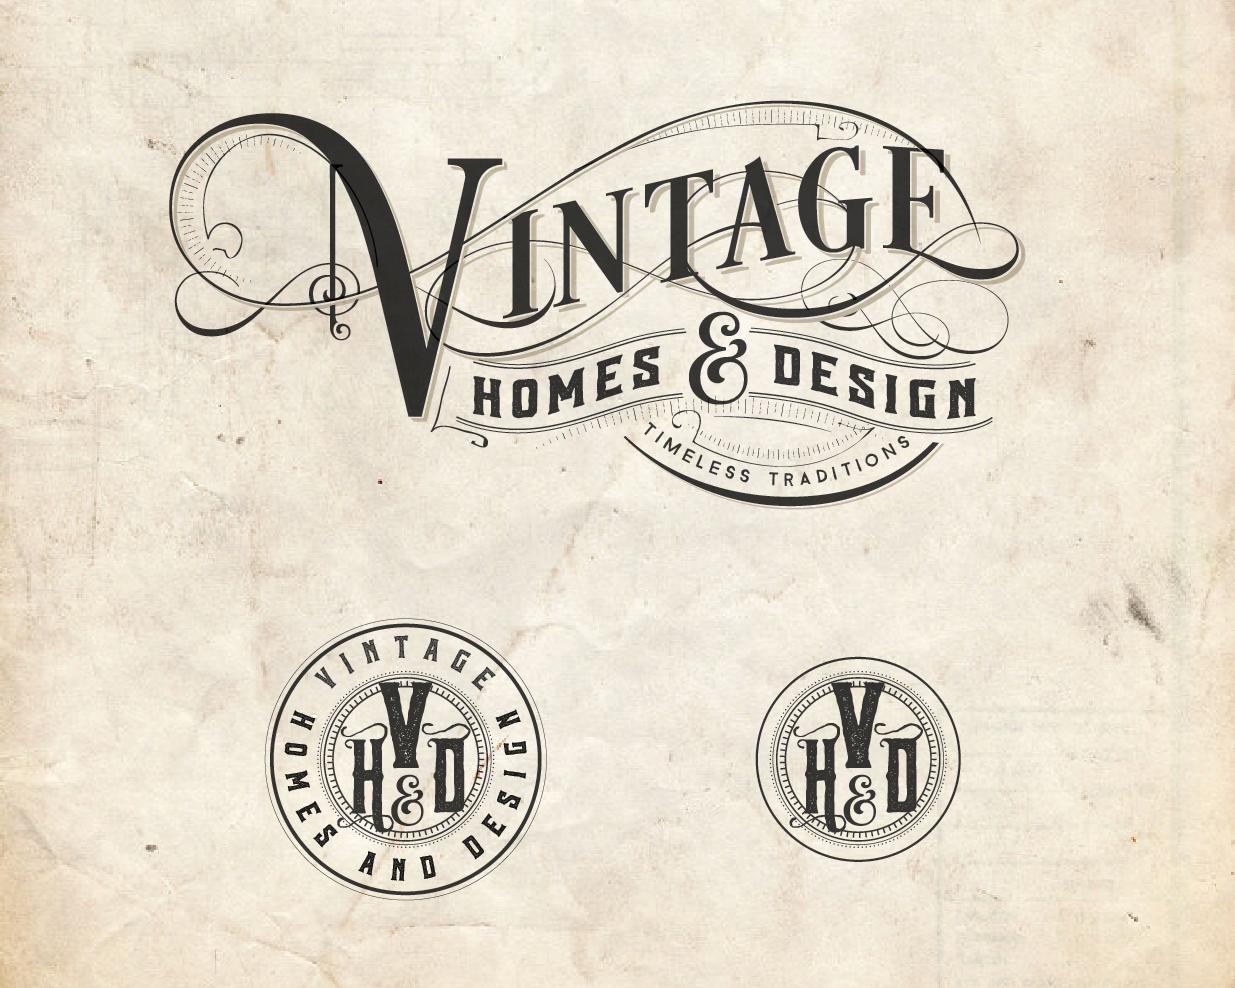 Vintage Homes and Design logo